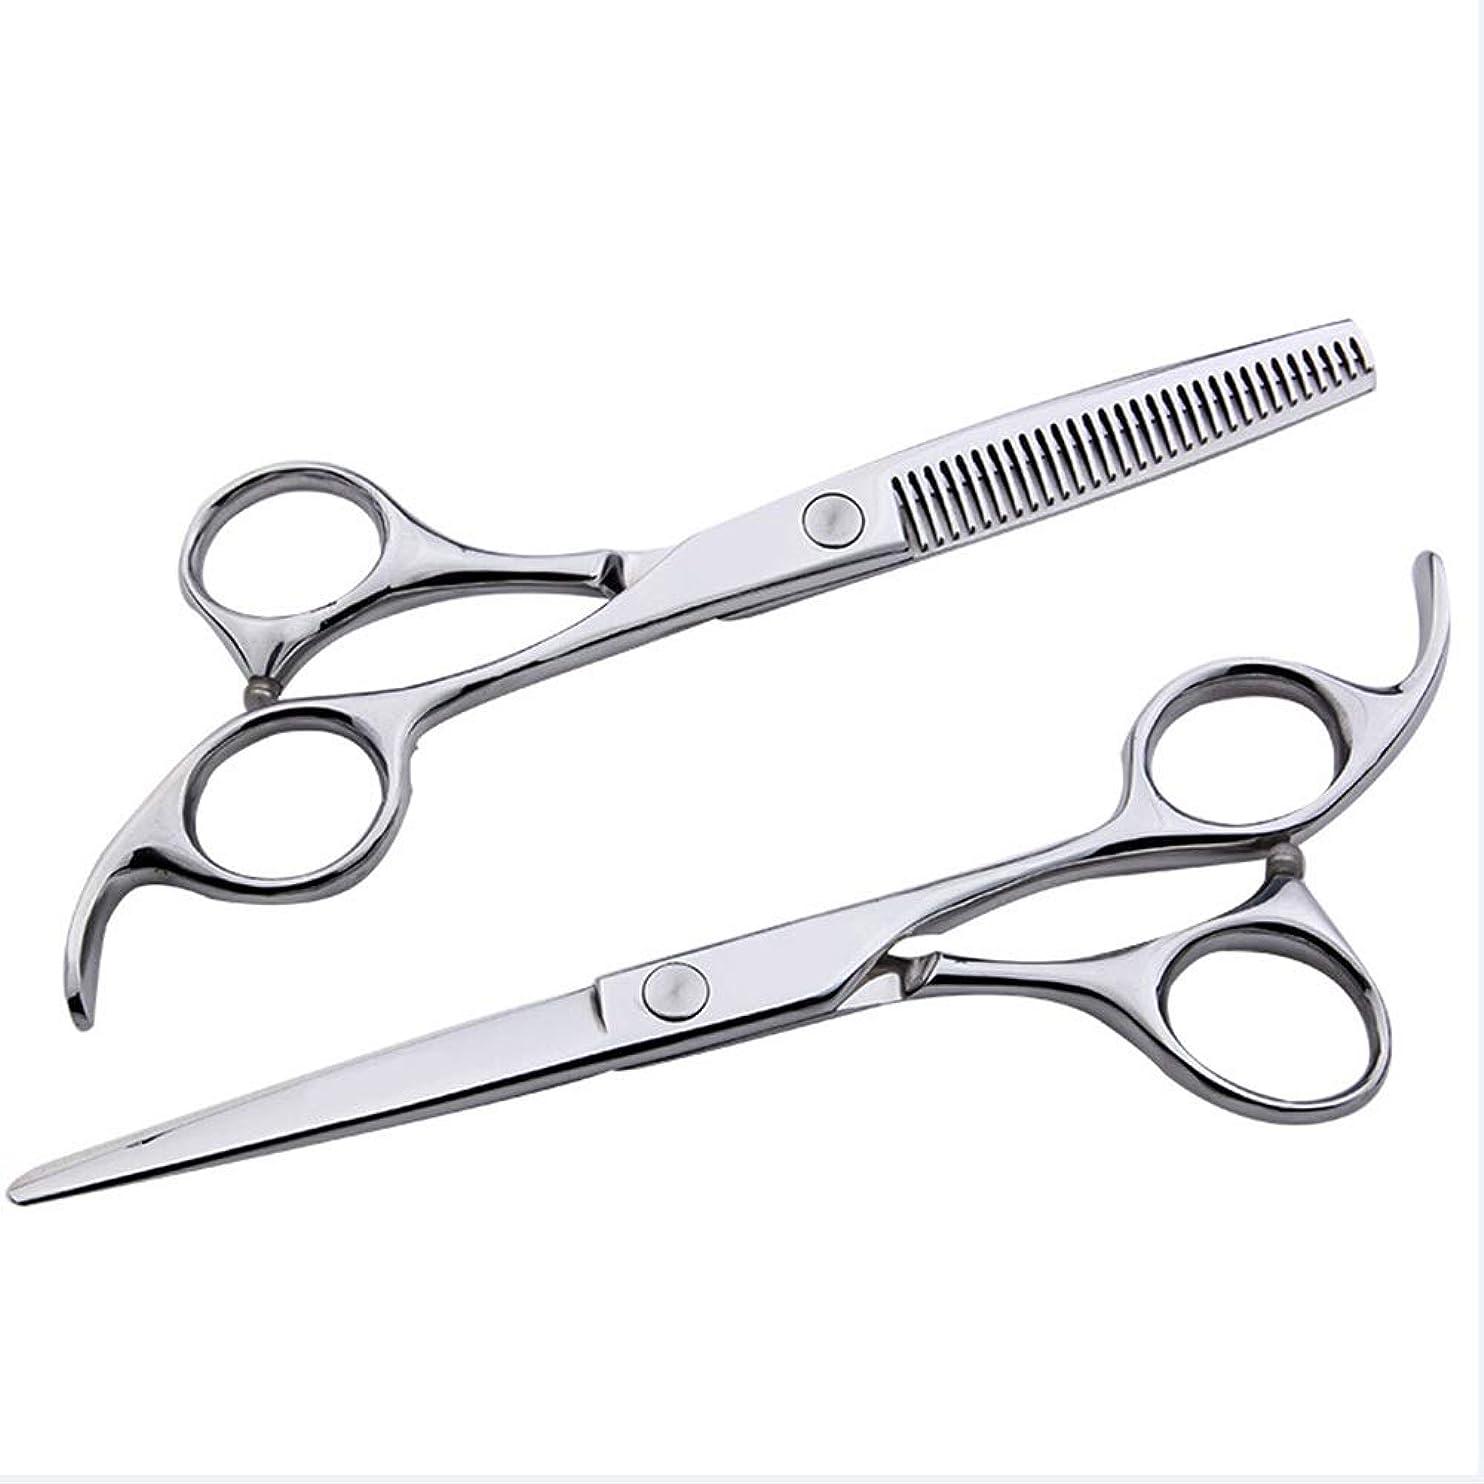 期限切れ感動するなに6インチ美容院プロフェッショナル理髪セット、フラット+歯シザー家族理髪ツールセット モデリングツール (色 : Silver)